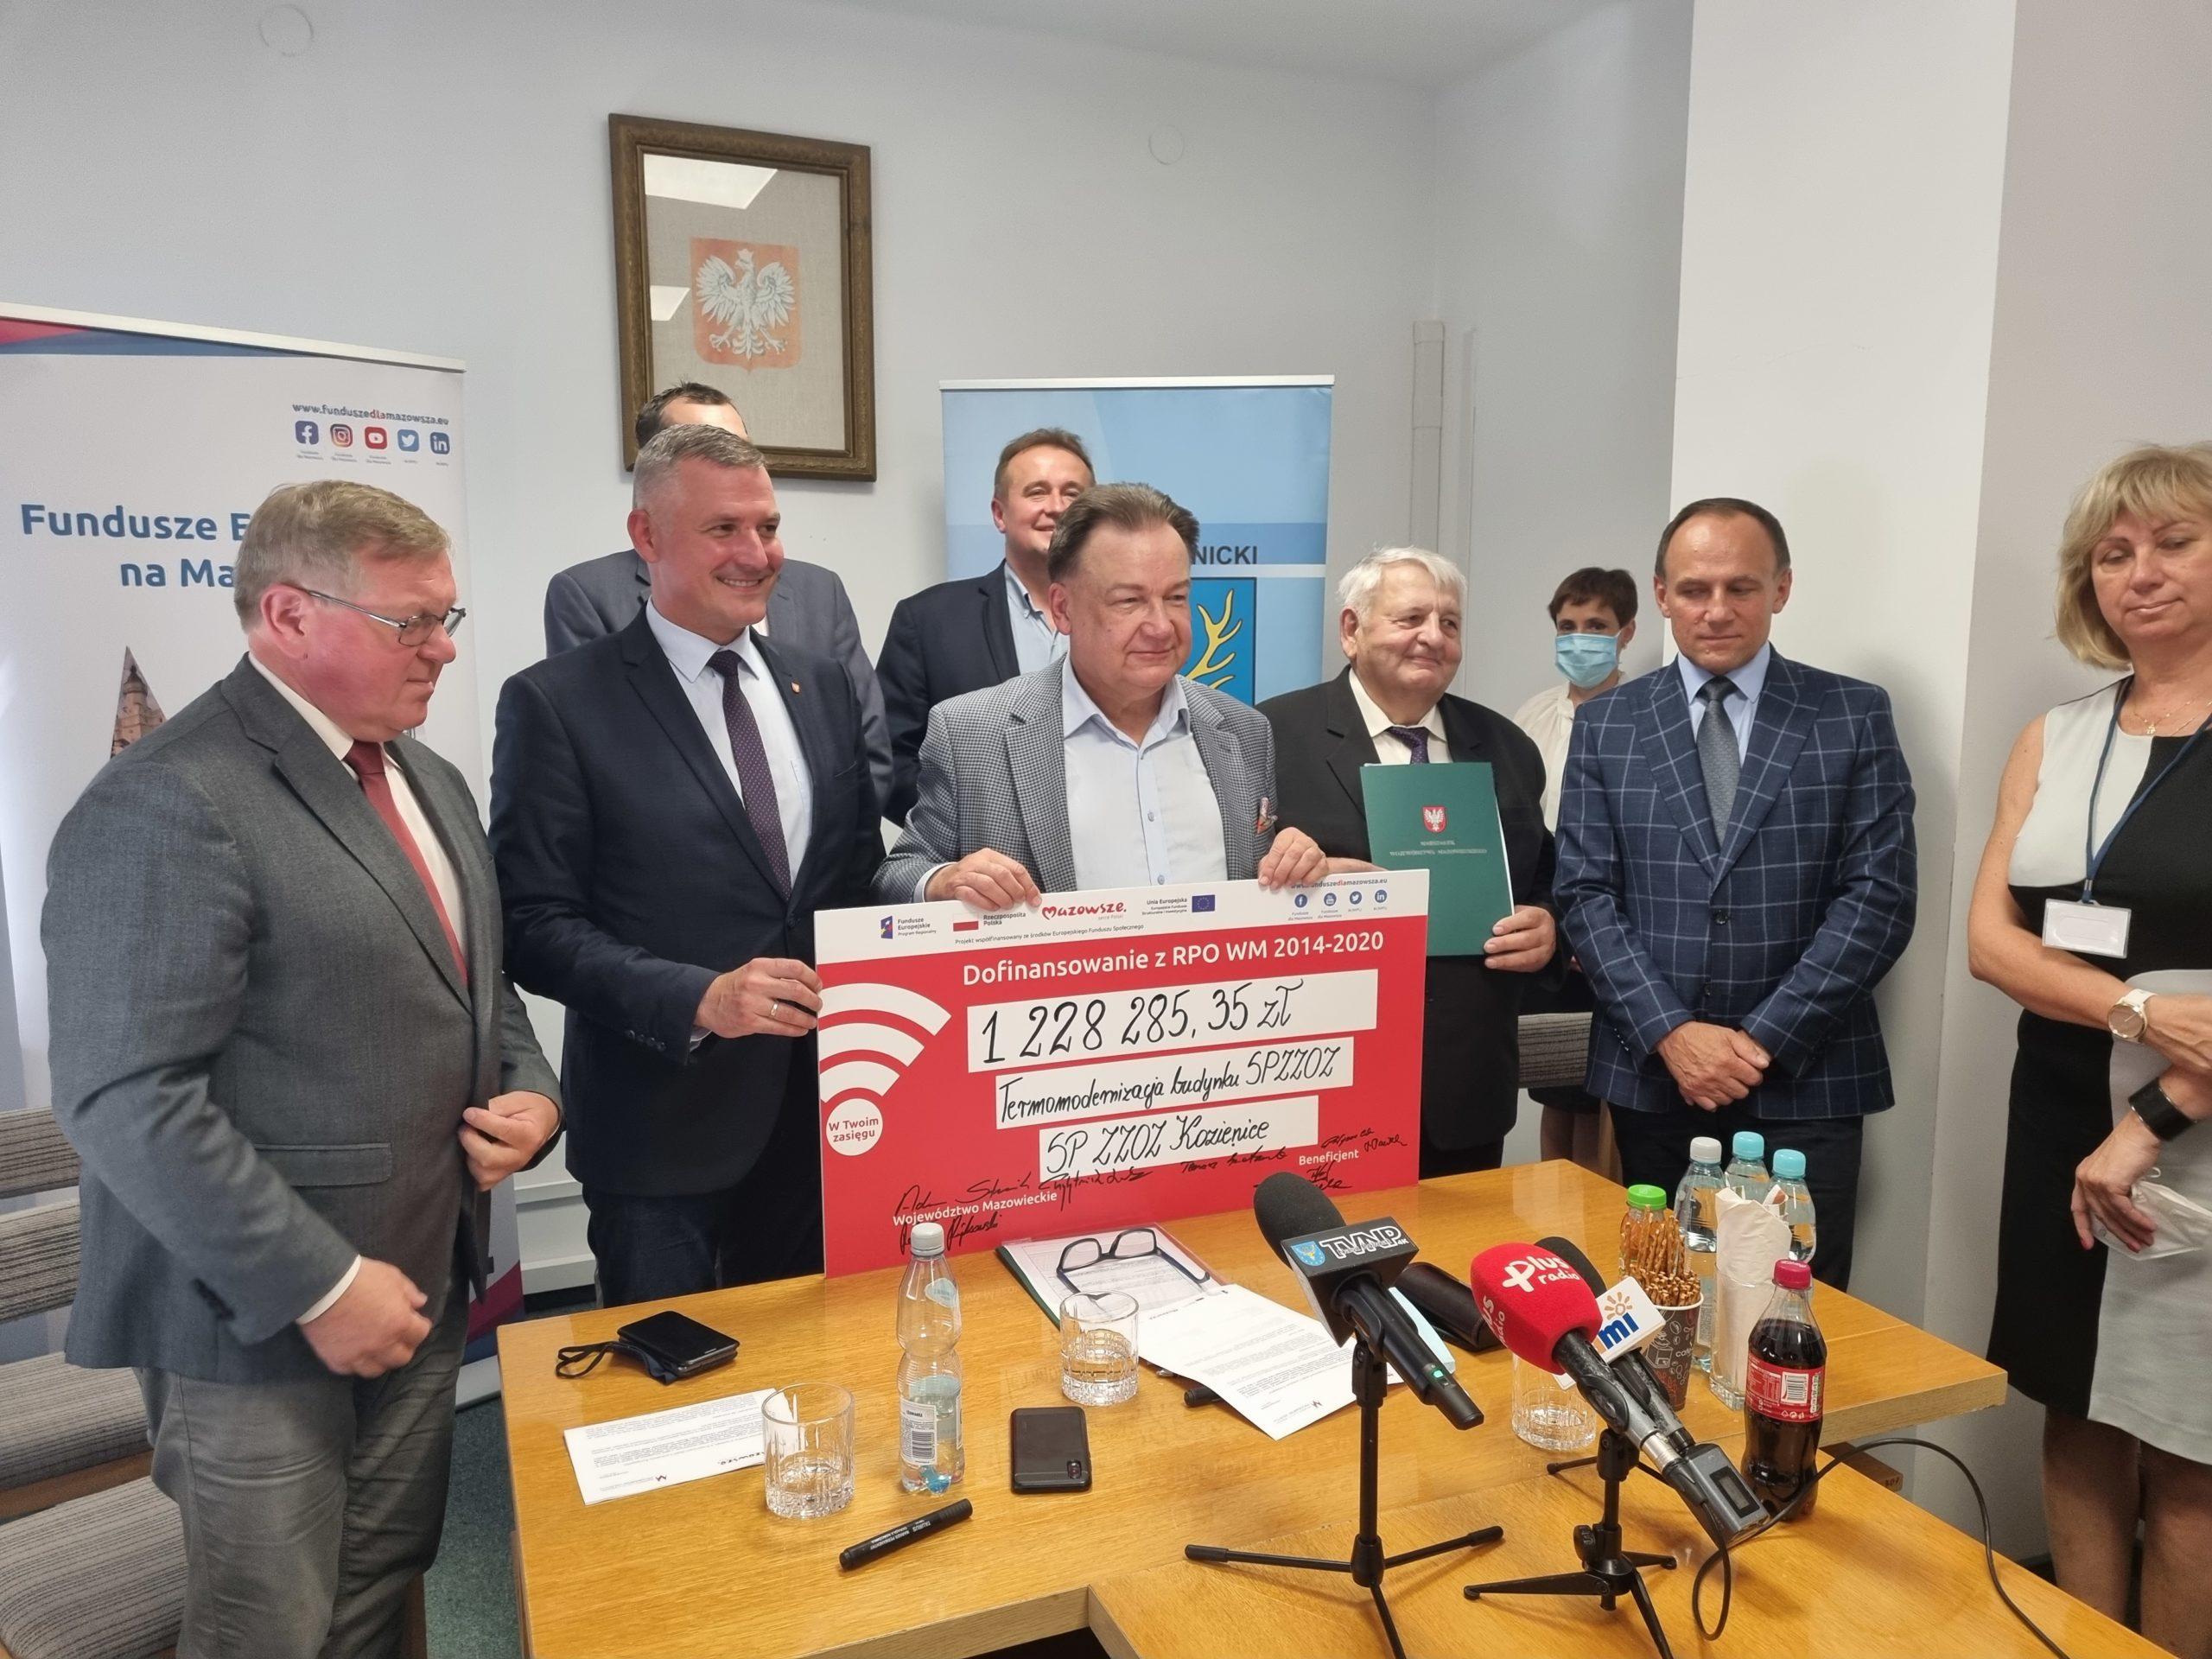 Uczestnicy uroczystości z pamiątkowym czekiem na kwotę 1,2 mln zł na termomodernizację szpitala w Kozienicach